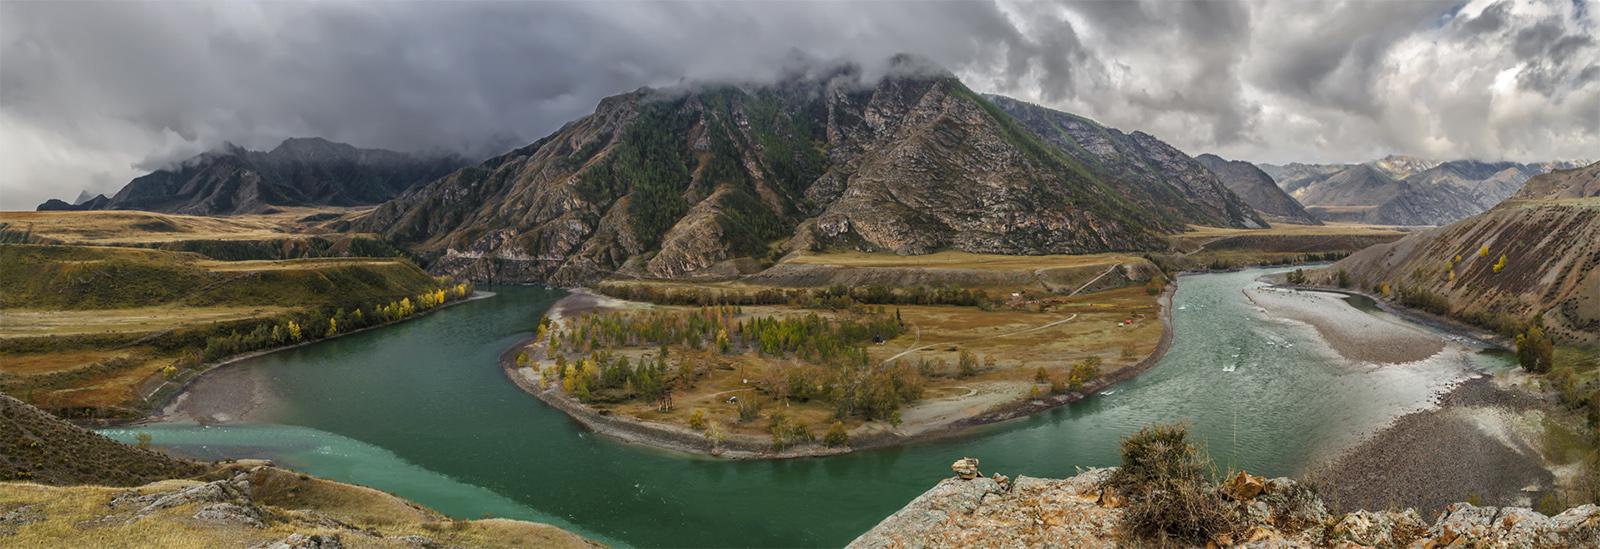 Горный Алтай. Место слияния Чуи и Катуни. Панорама 7 снимков.